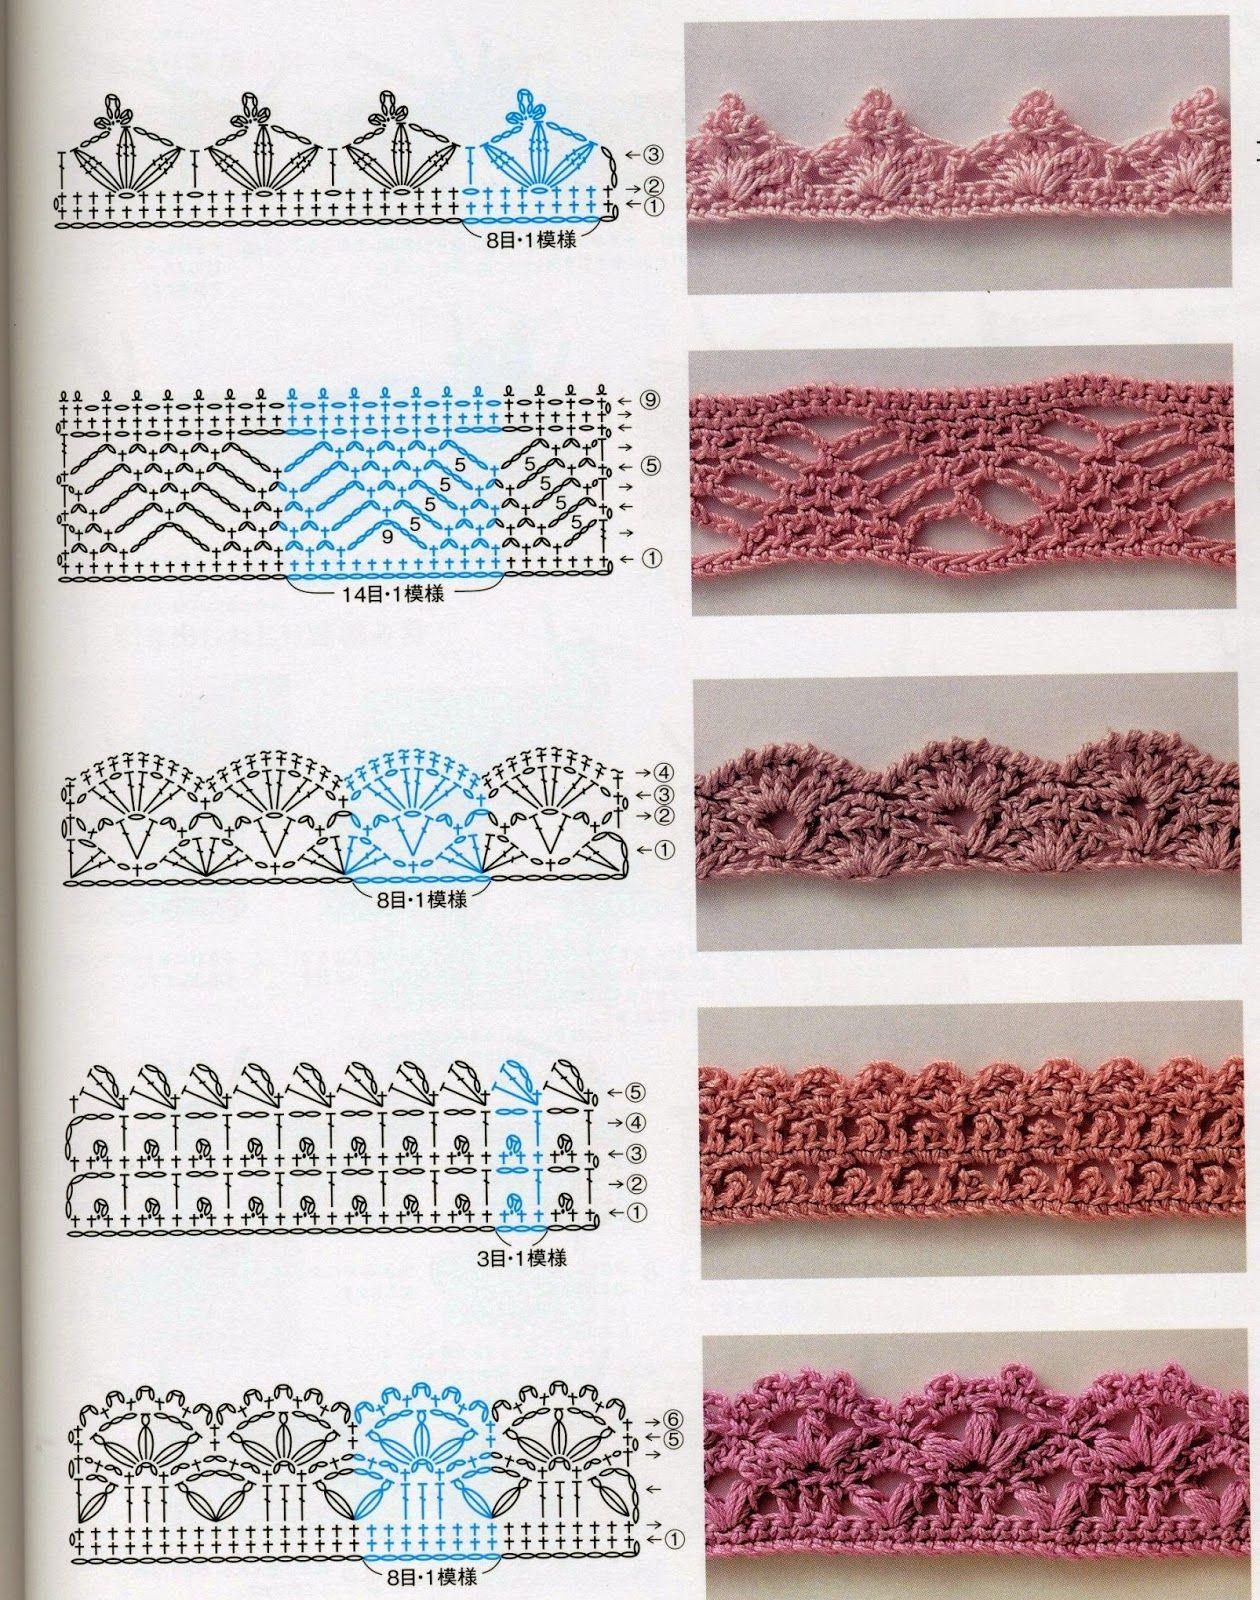 Barradinhos Pequenos De Crochê | Puntadas, Aplicación y Mamá